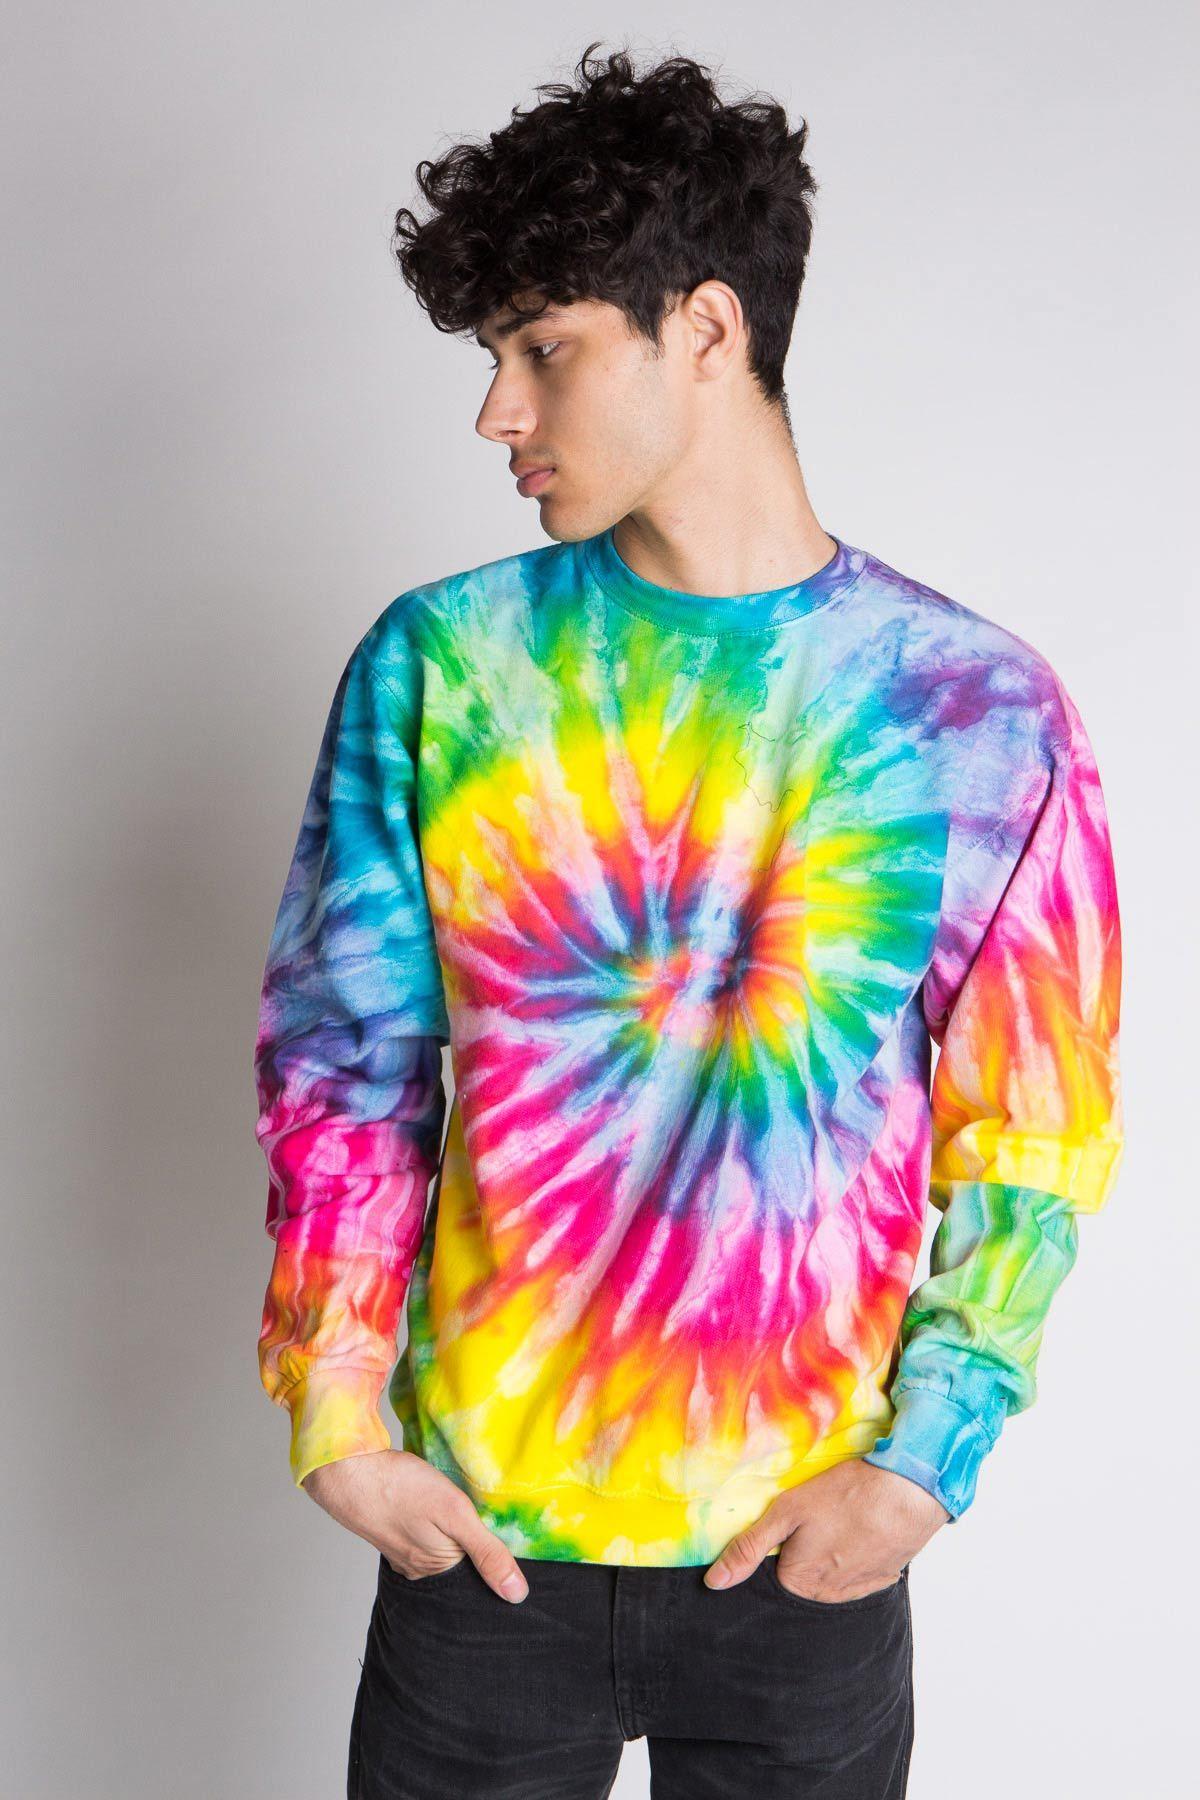 Rainbow Burst Tie Dye Sweatshirt Ragstock Tie Dye Outfits Tie Dye Tie Dye Shirts Patterns [ 1800 x 1200 Pixel ]